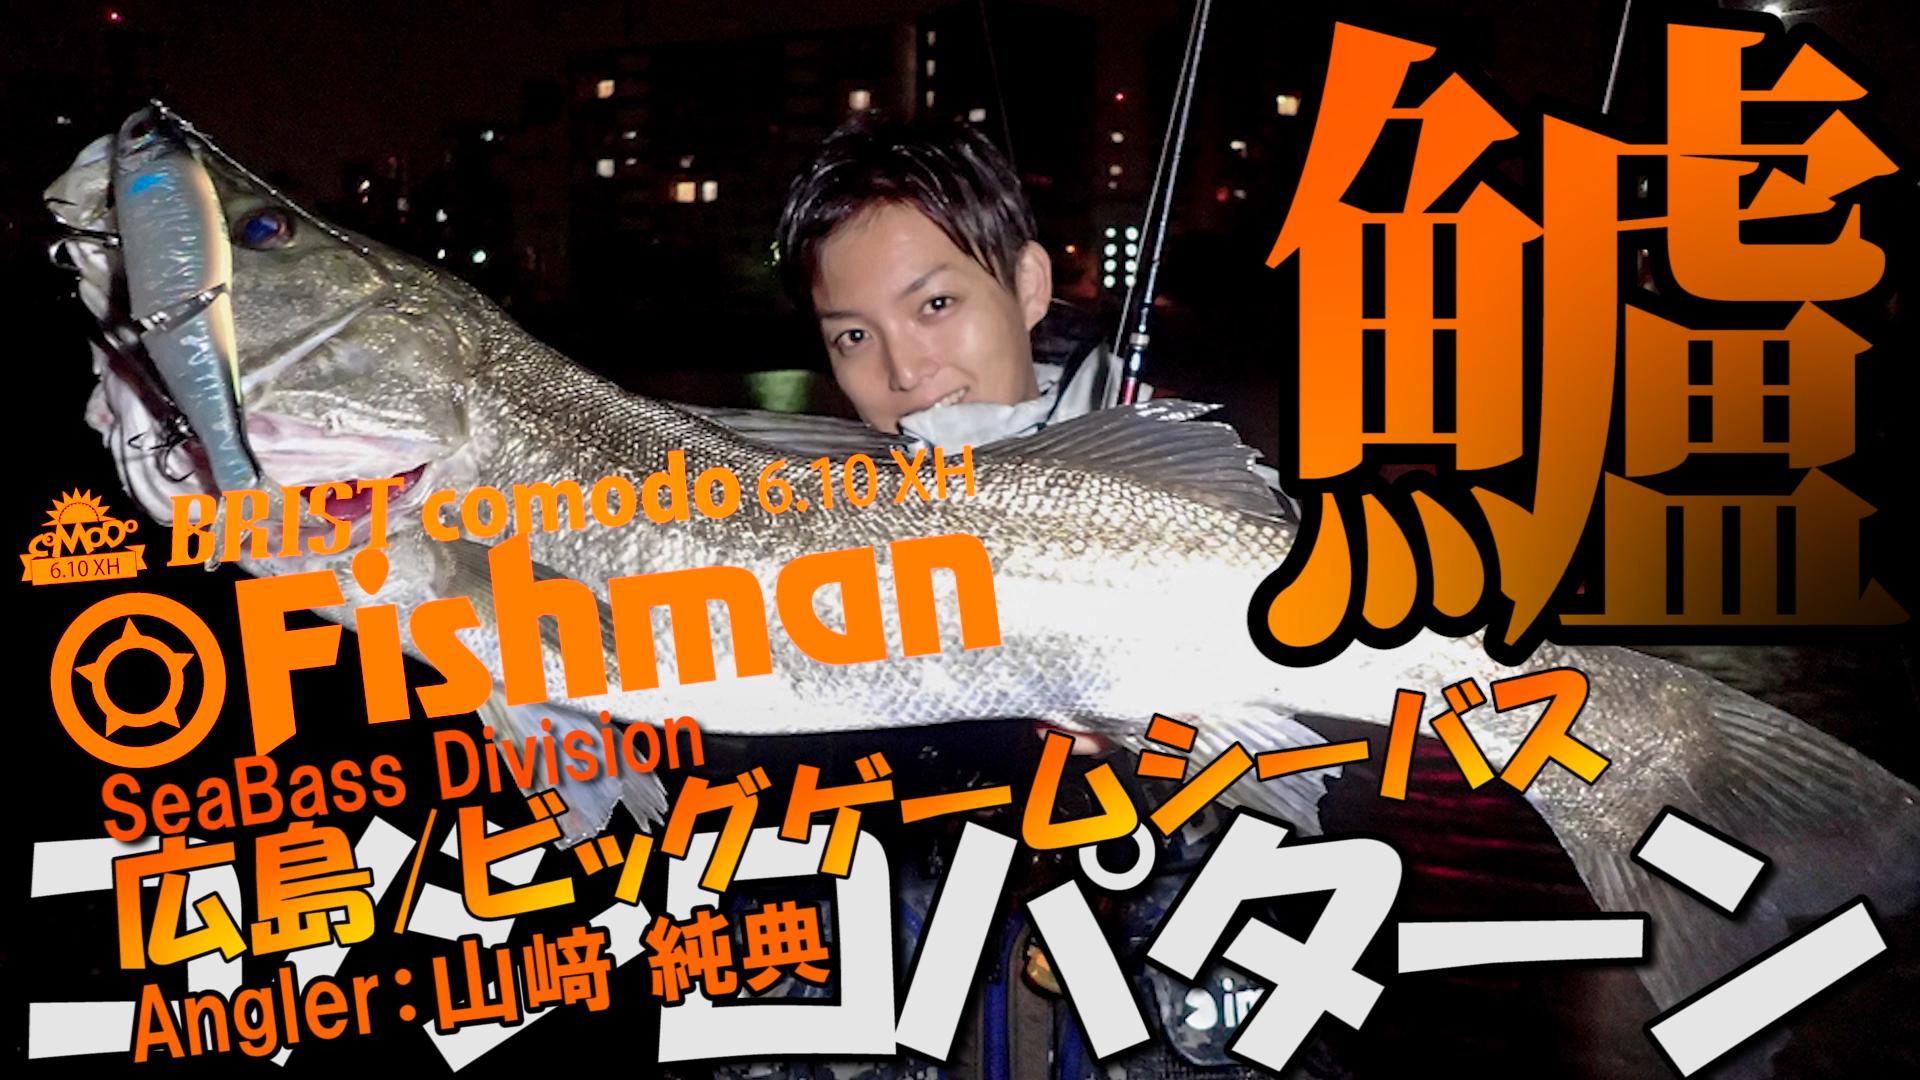 """『Fishman TV program """"seabass division 06″』を公開しました!"""